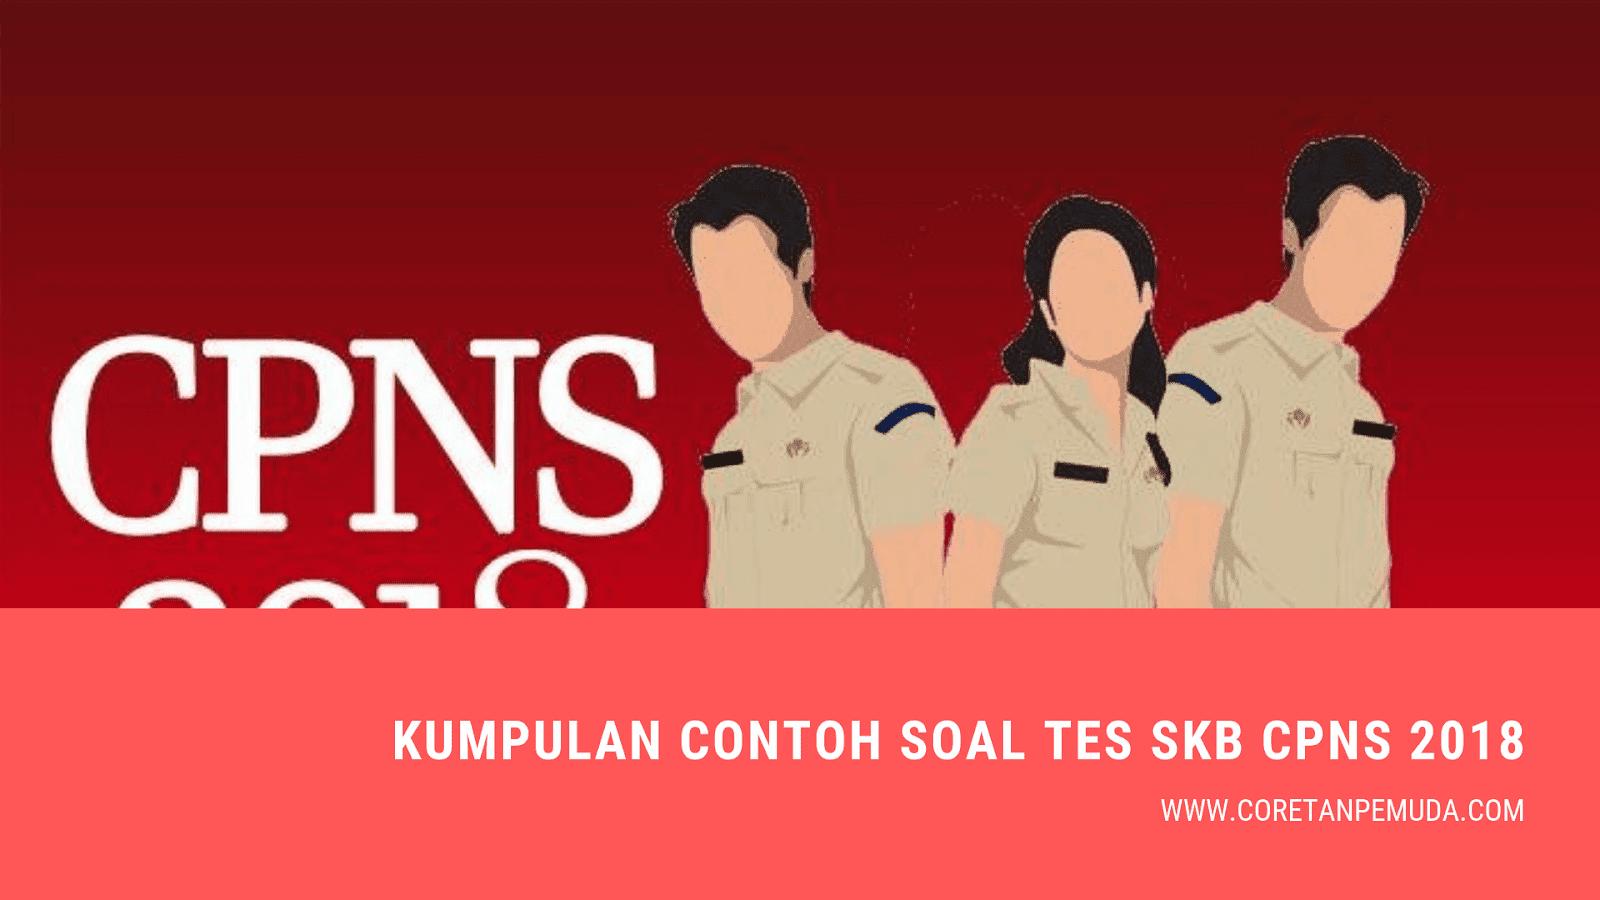 Kumpulan Contoh Soal Tes Skb Seluruh Formasi Cpns 2018